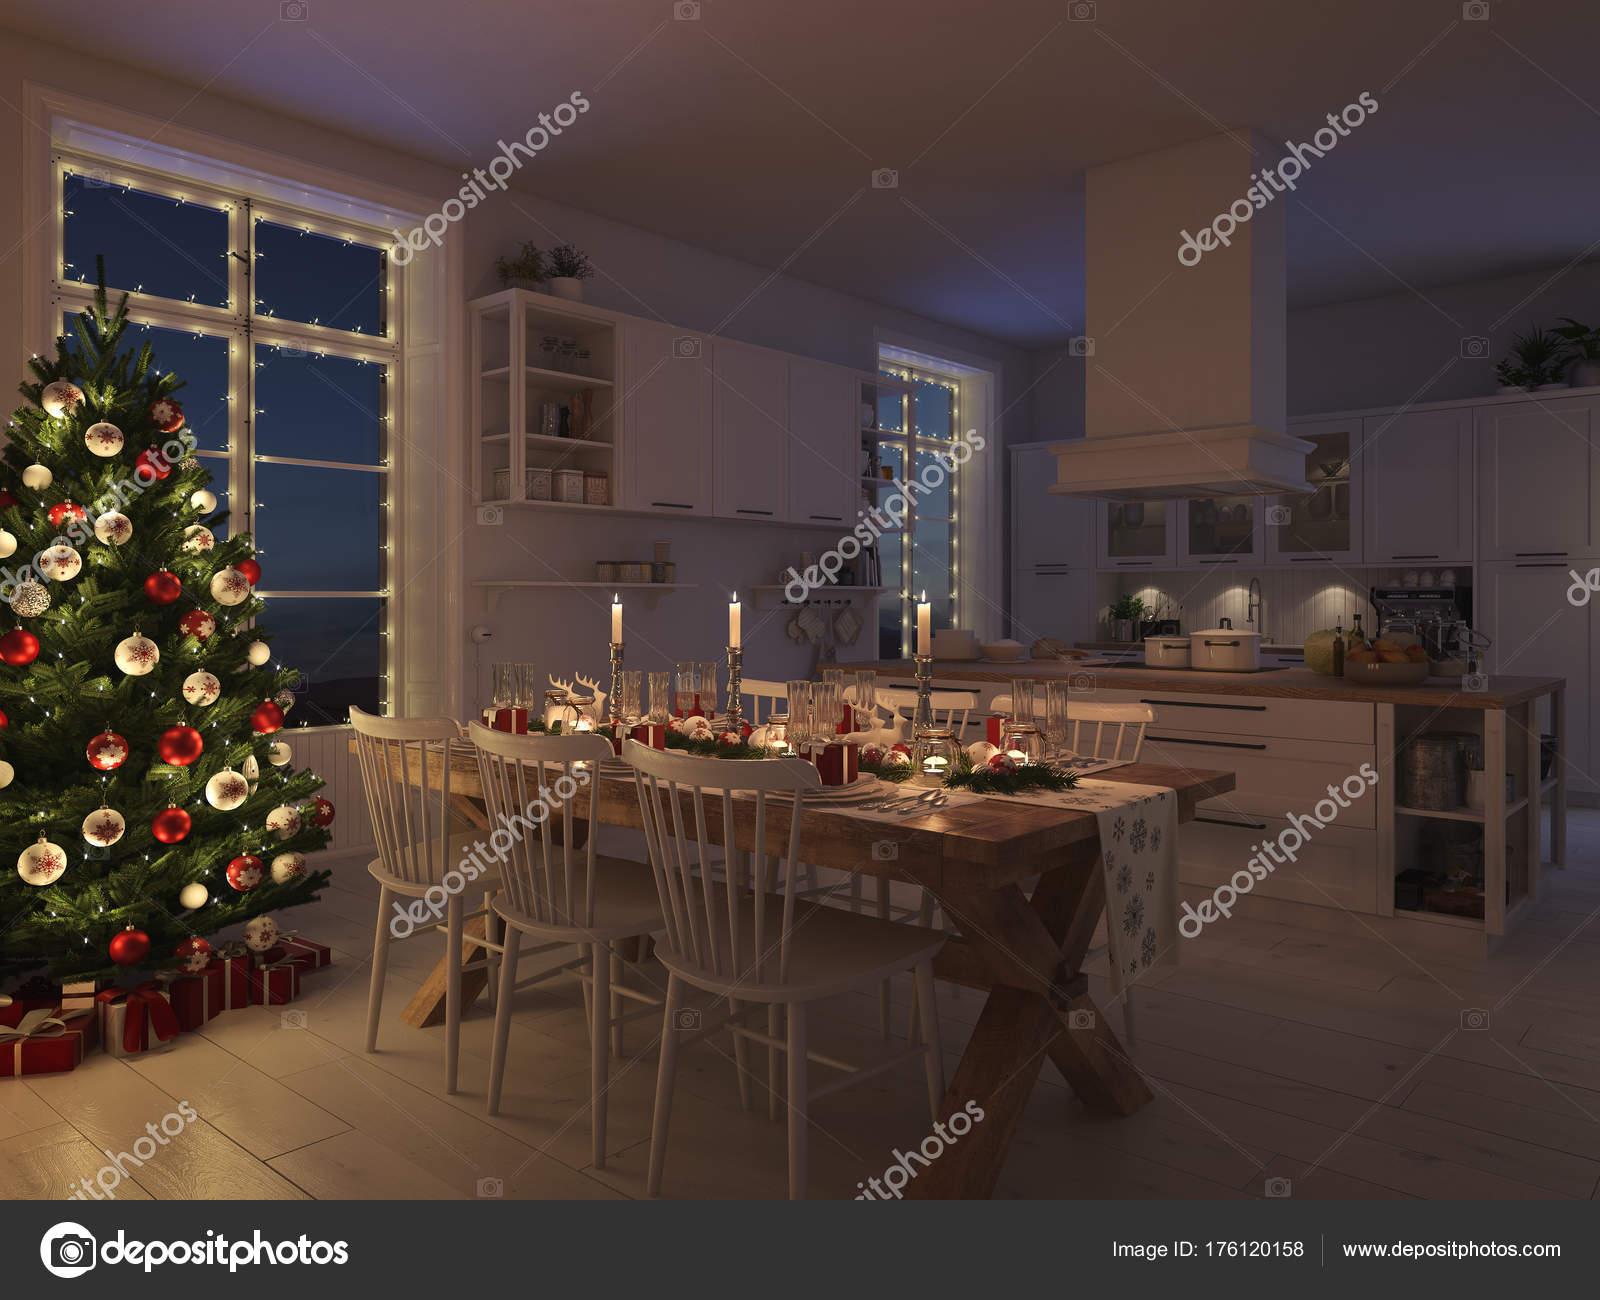 Scandinavische keuken met decoratie van kerstmis door de nacht d